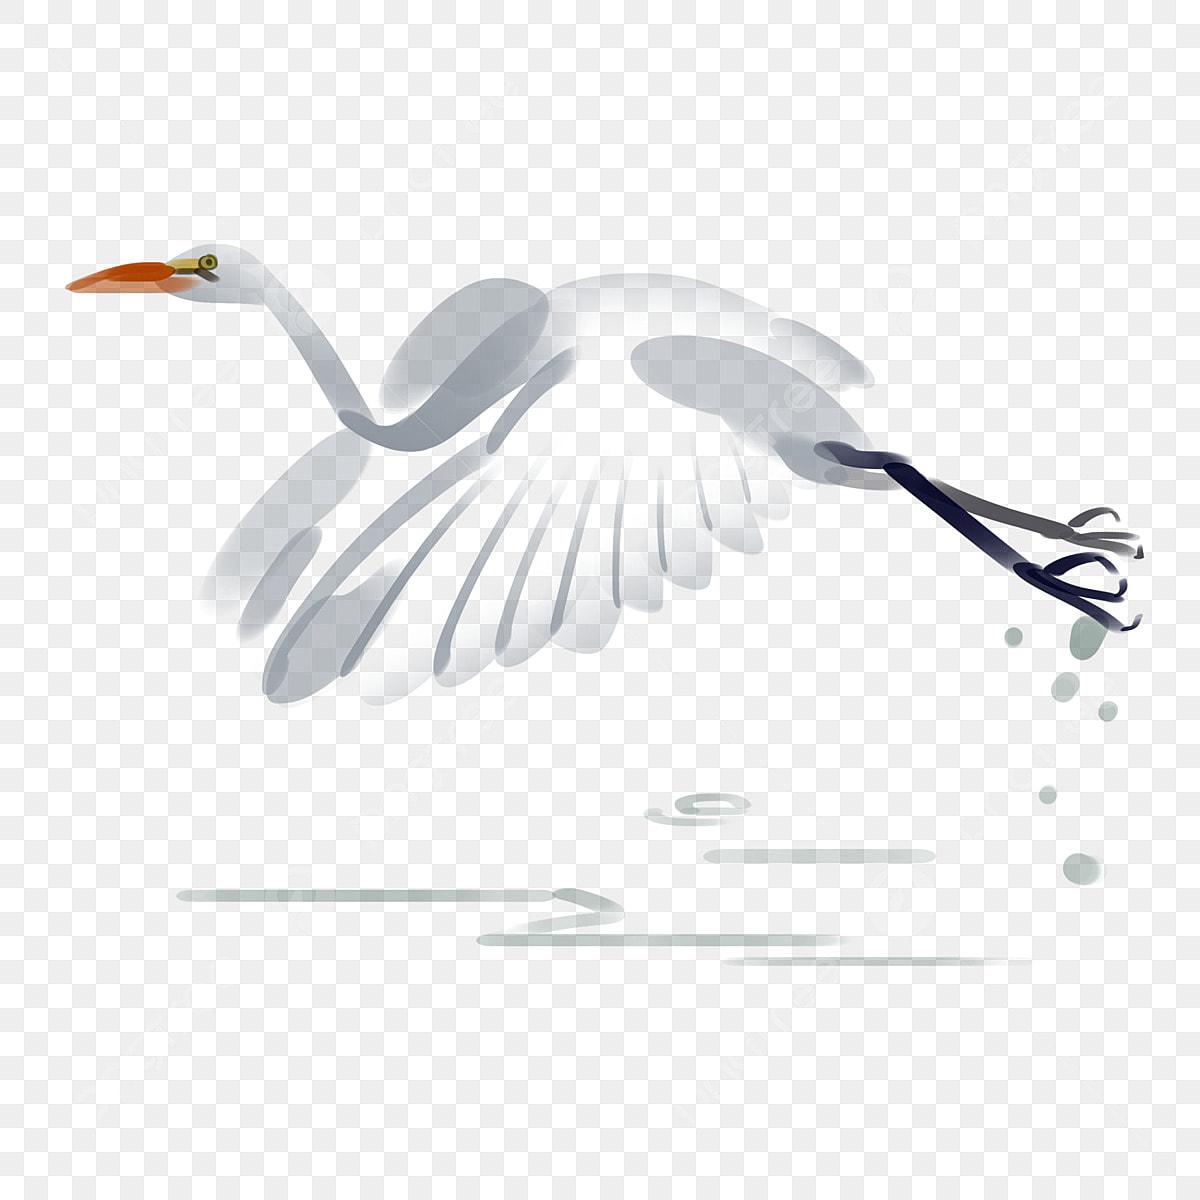 Gambar Terbang Egret Puisi Purba Burung Hiasan Antik Ilustrasi Gaya Cina Png Dan Psd Untuk Muat Turun Percuma